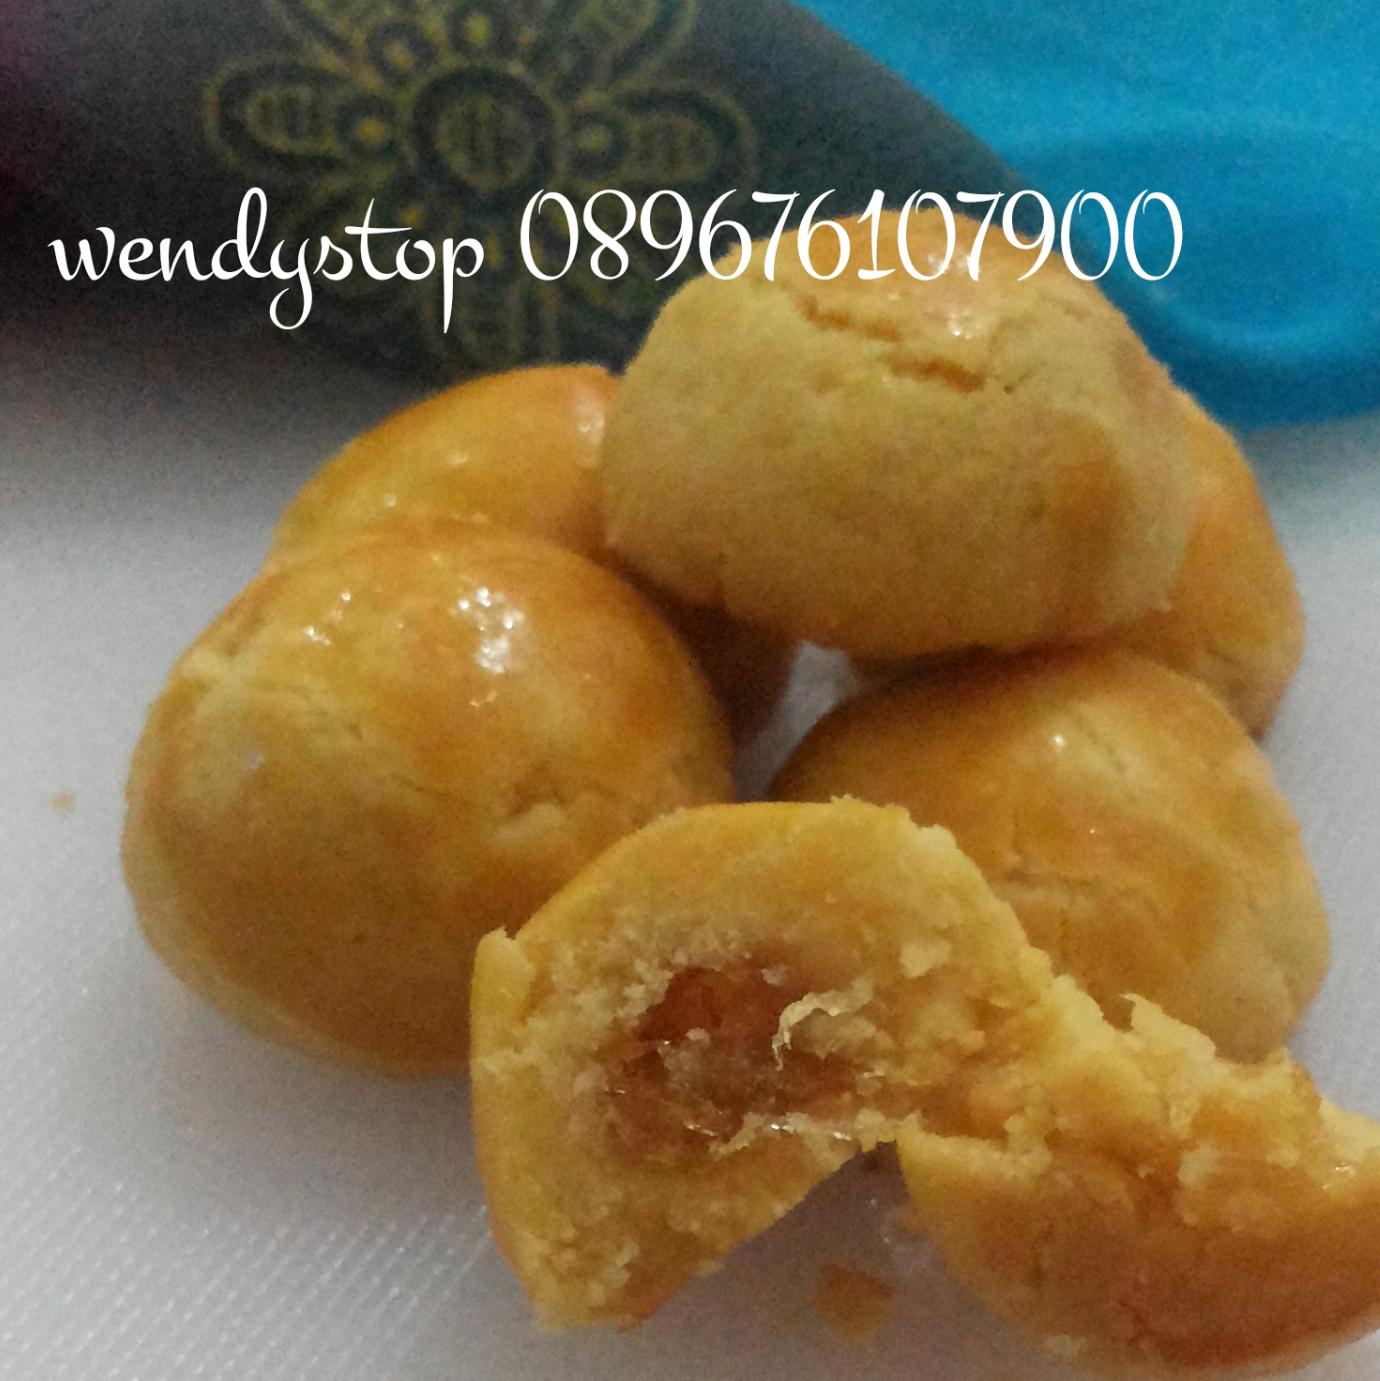 Pin Kue Nastar Isi Nanas Yang Gurih Renyah Empuk Cake on ...